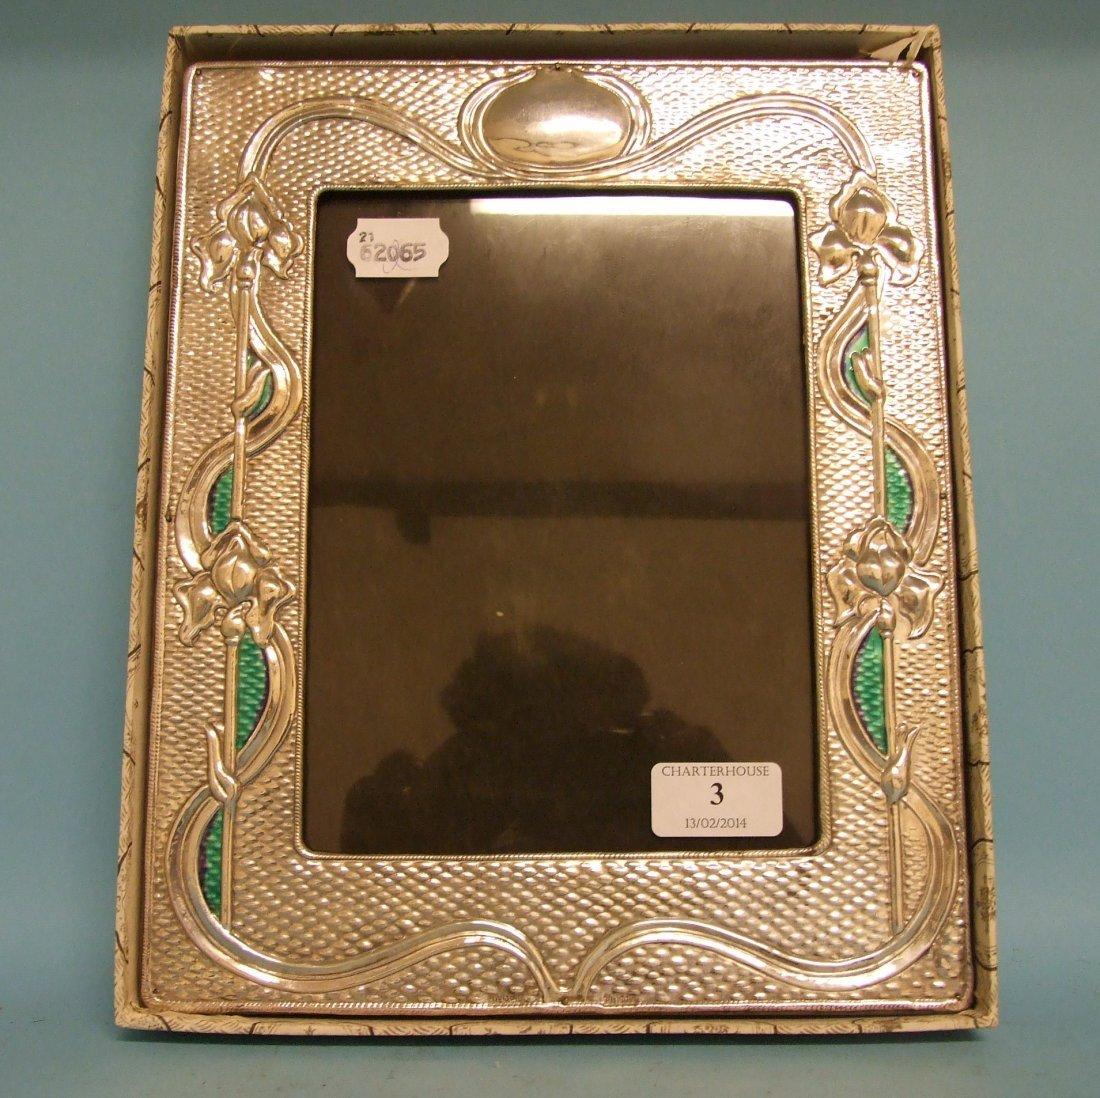 An Art Nouveau style picture frame, 24 cm wide